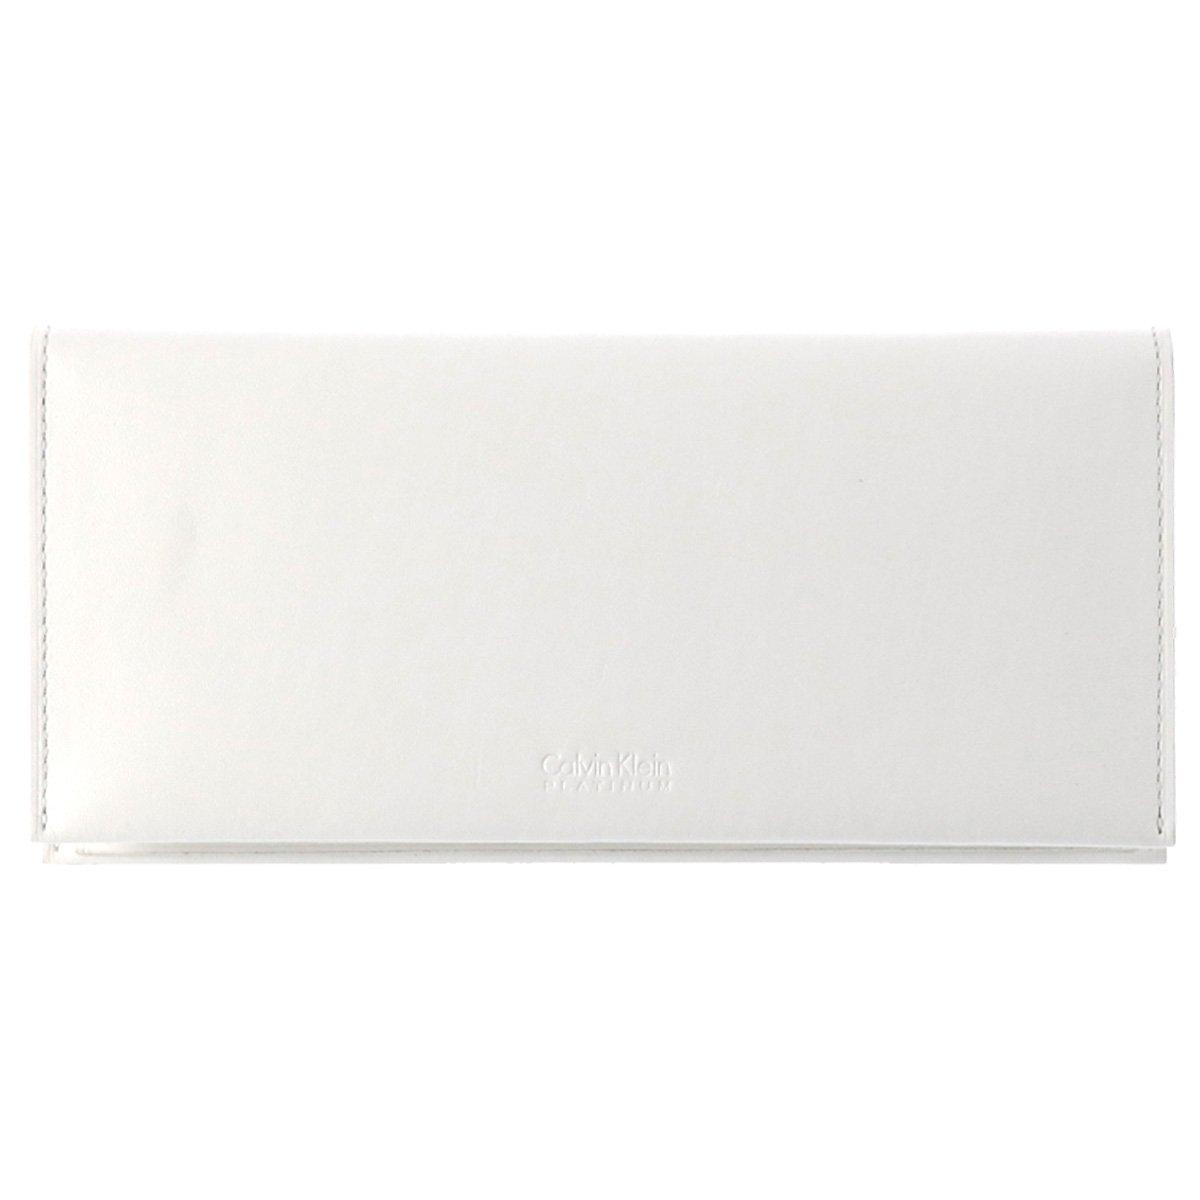 (カルバンクライン プラティナム)CalvinKlein PLATINUM 長財布 フォーカス 852605 CK シーケー B07CS1MKMM 【31】ホワイト